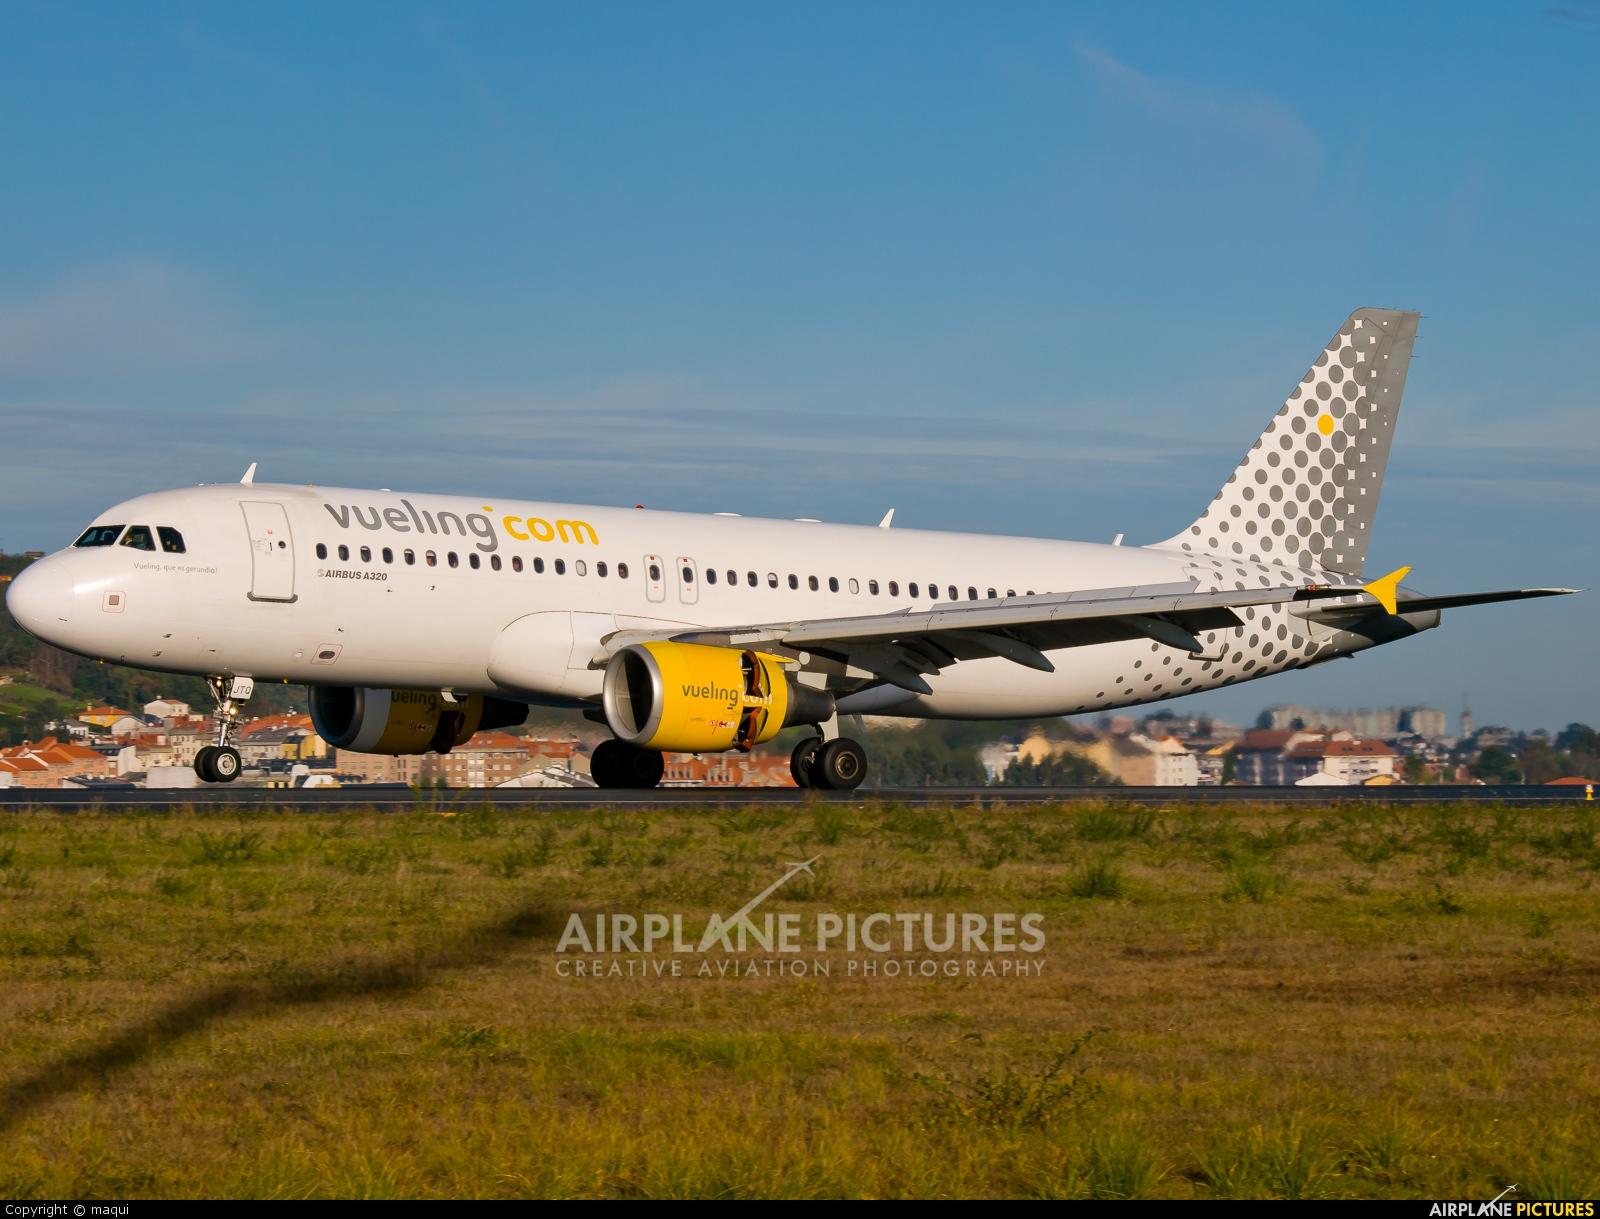 Vueling Airlines EC-JTQ aircraft at La Coruña